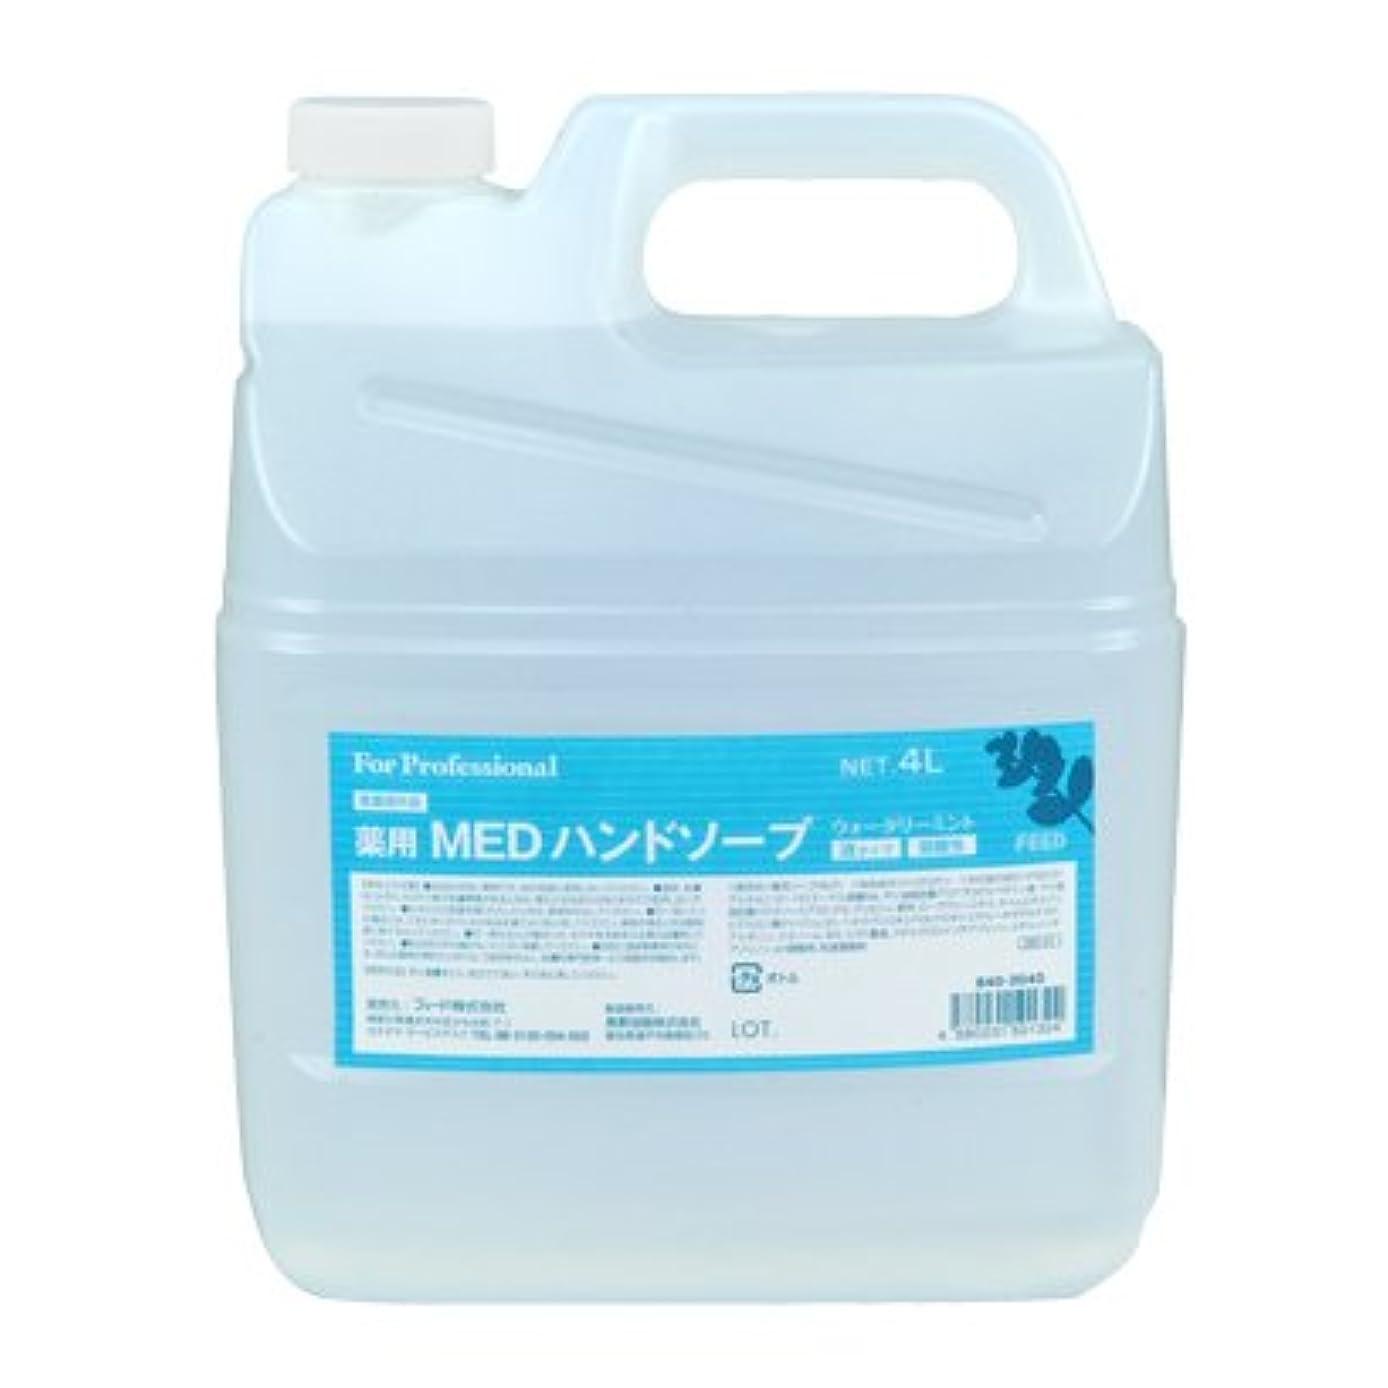 なんとなく同盟増強【業務用】 FEED(フィード) 薬用 MEDハンドソープ 液タイプ/4L詰替用 ハンドソープ(液タイプ) 入数 1本